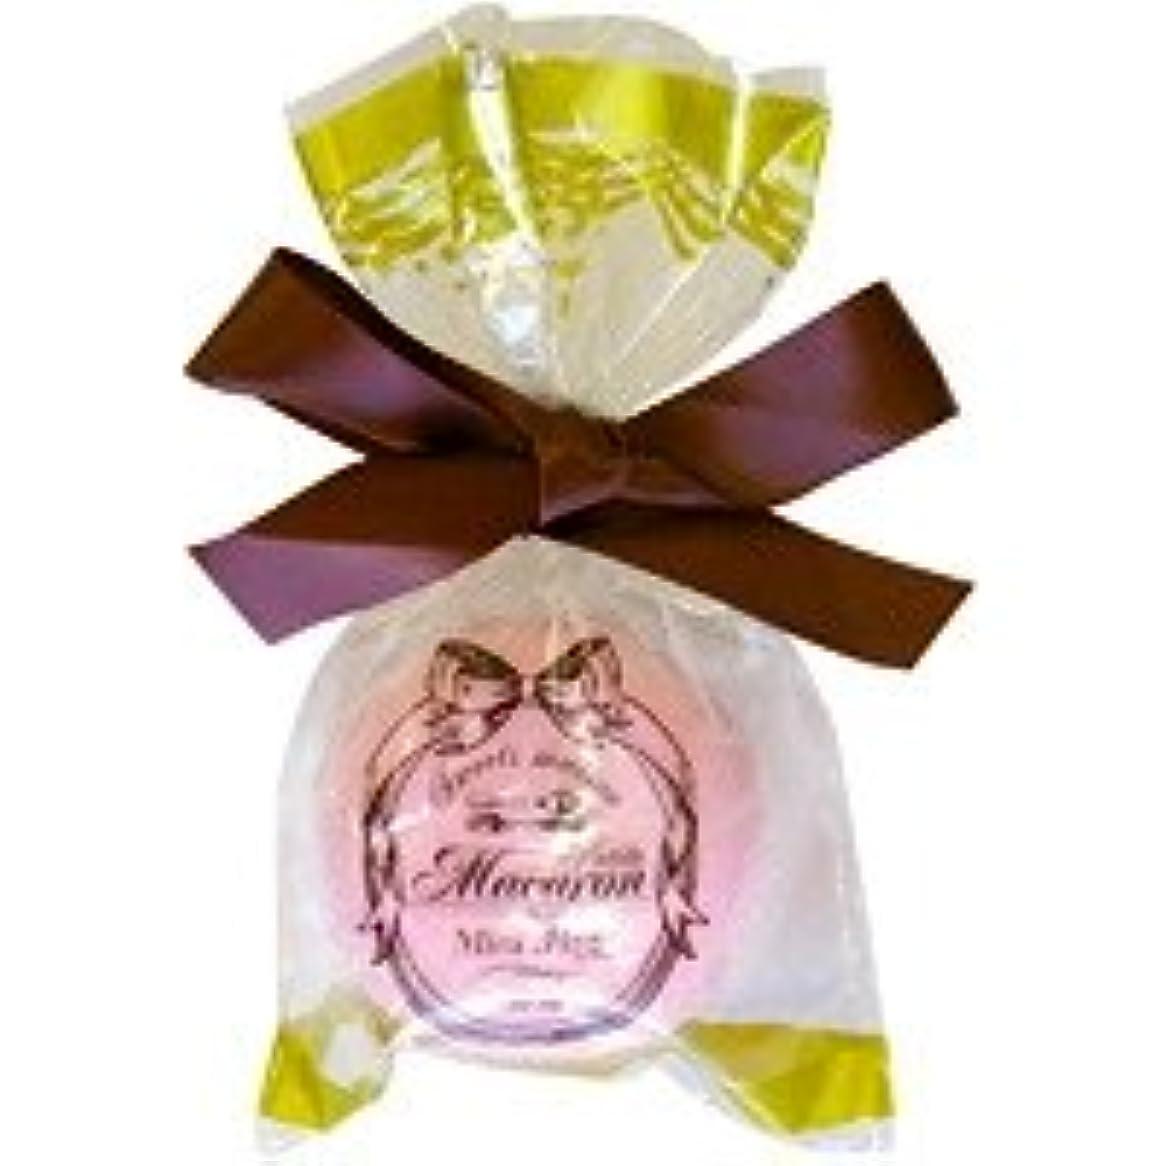 アセンブリインタフェースマッサージスウィーツメゾン プチマカロンフィズ「ピンク」12個セット 甘酸っぱいラズベリーの香り